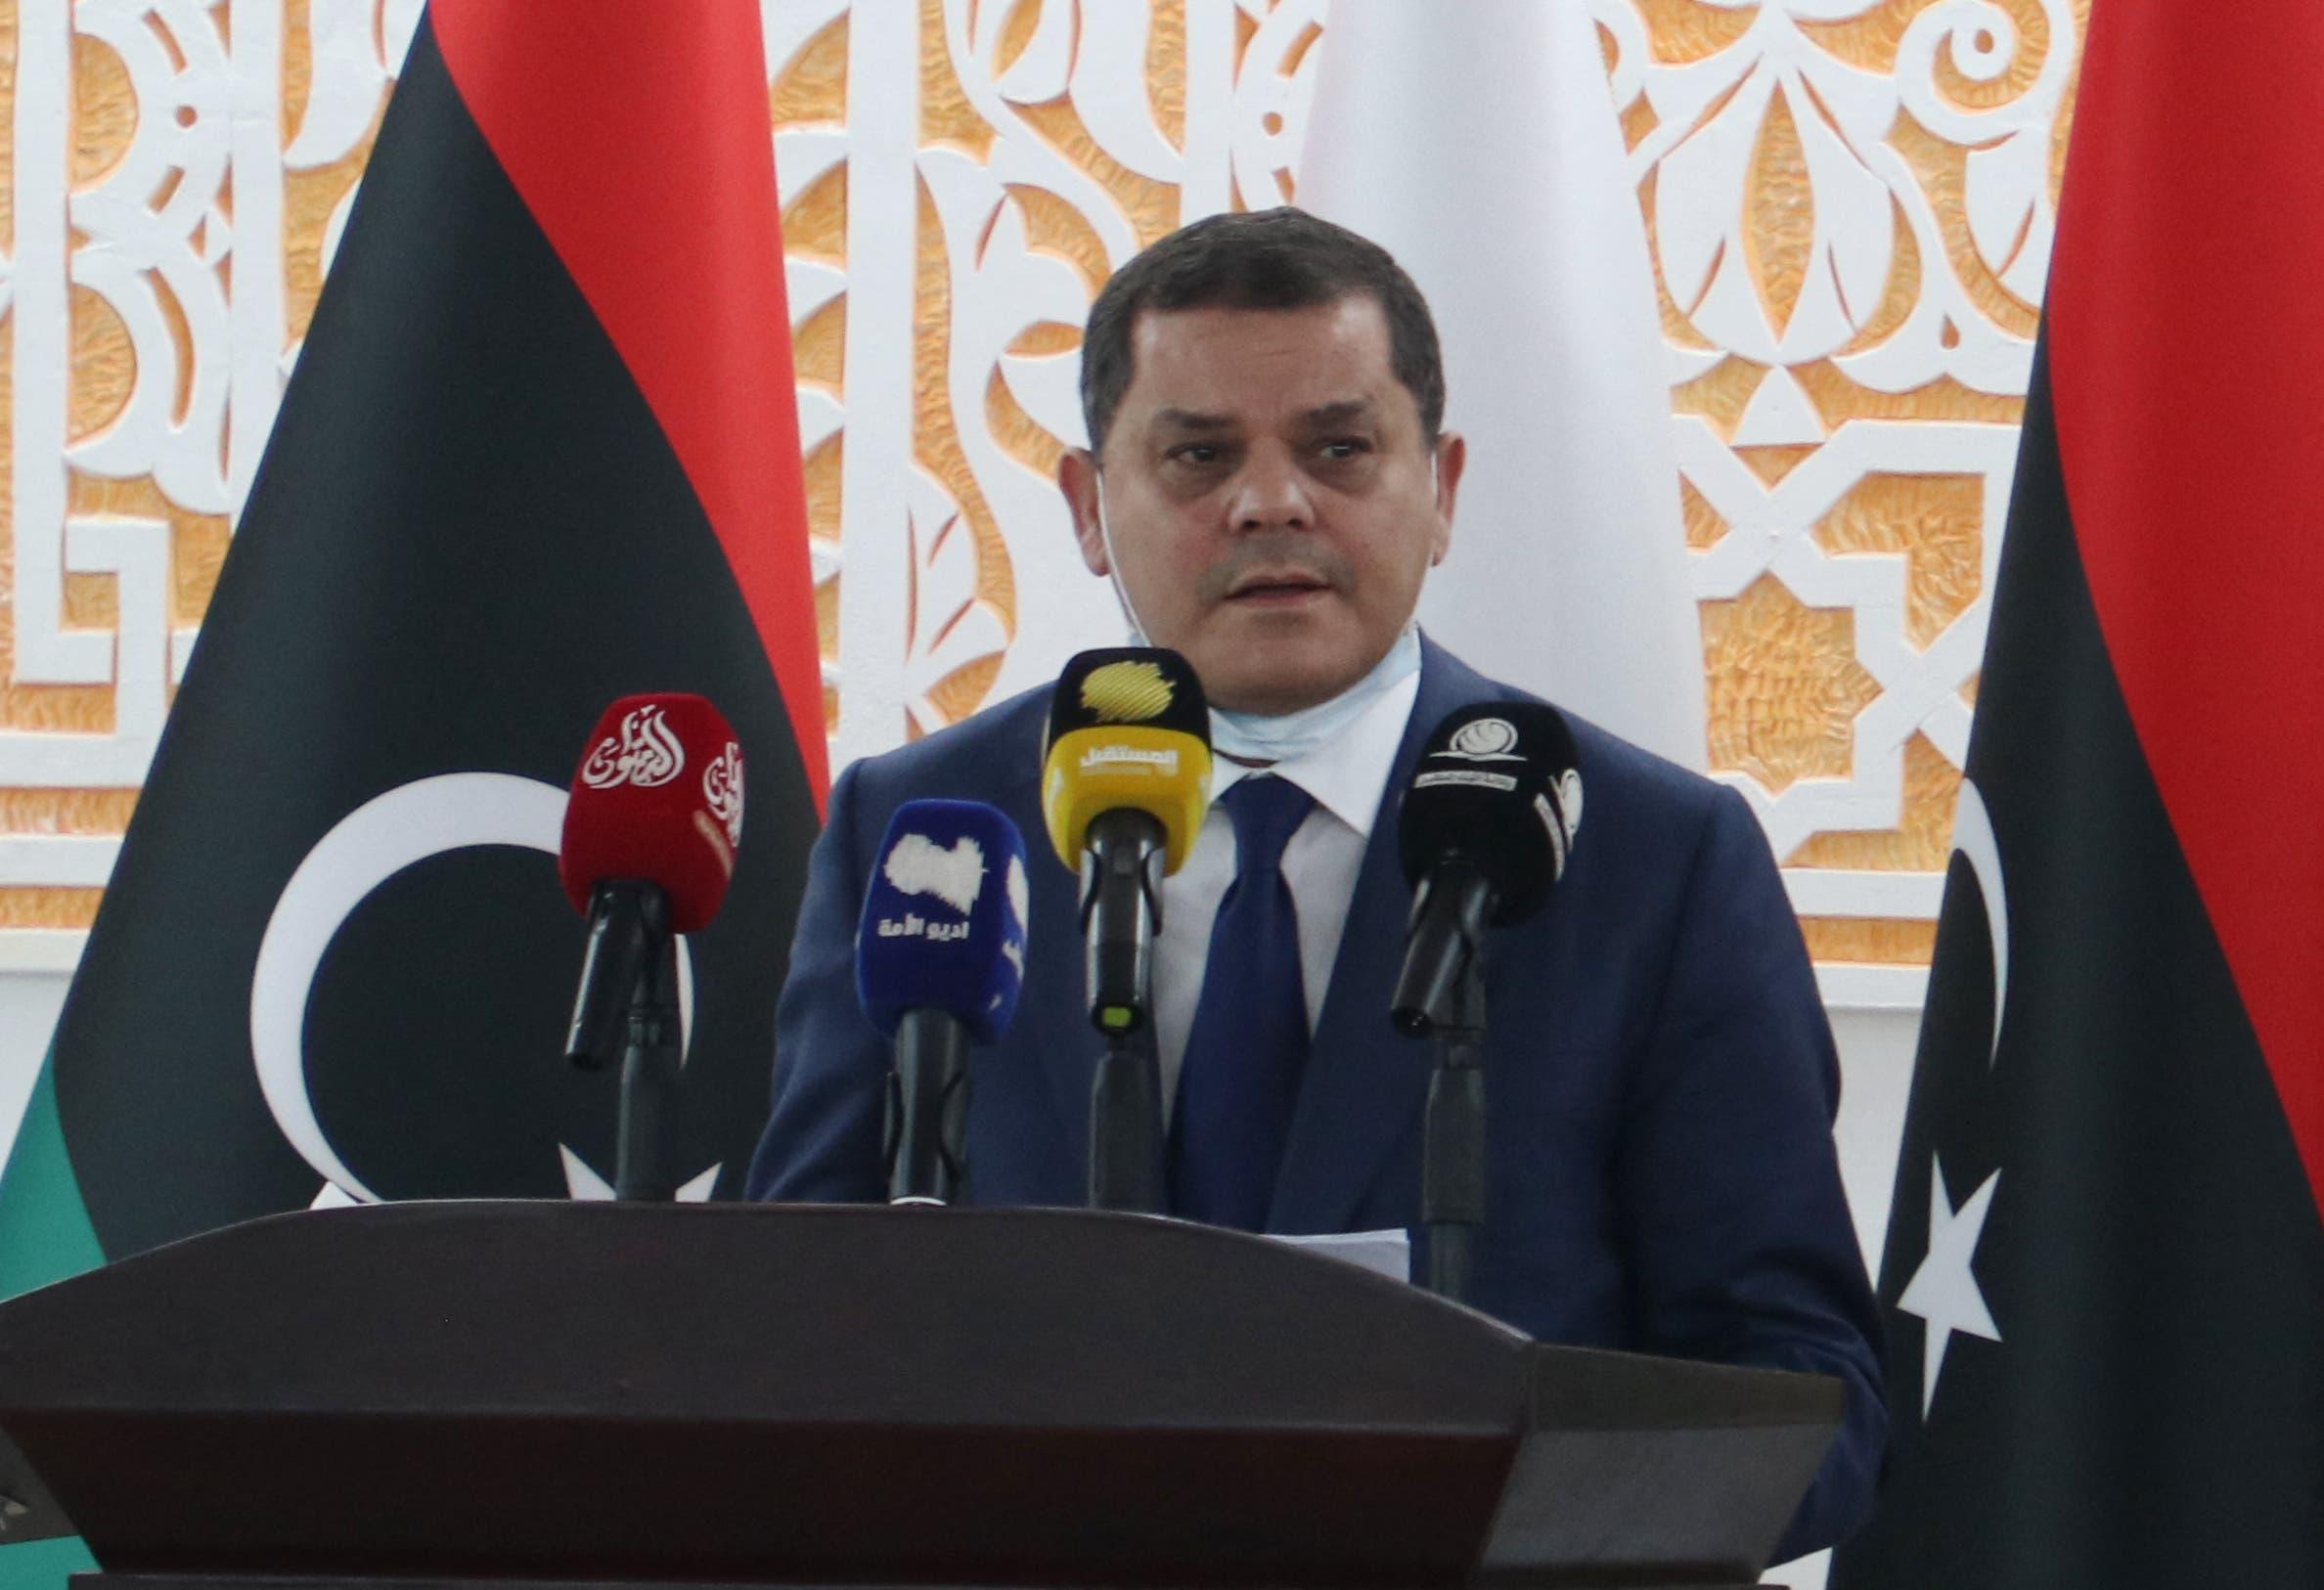 رئيس حكومة الوحدة الوطنية الجديدة عبد الحميد الدبيبة (أرشيفية)